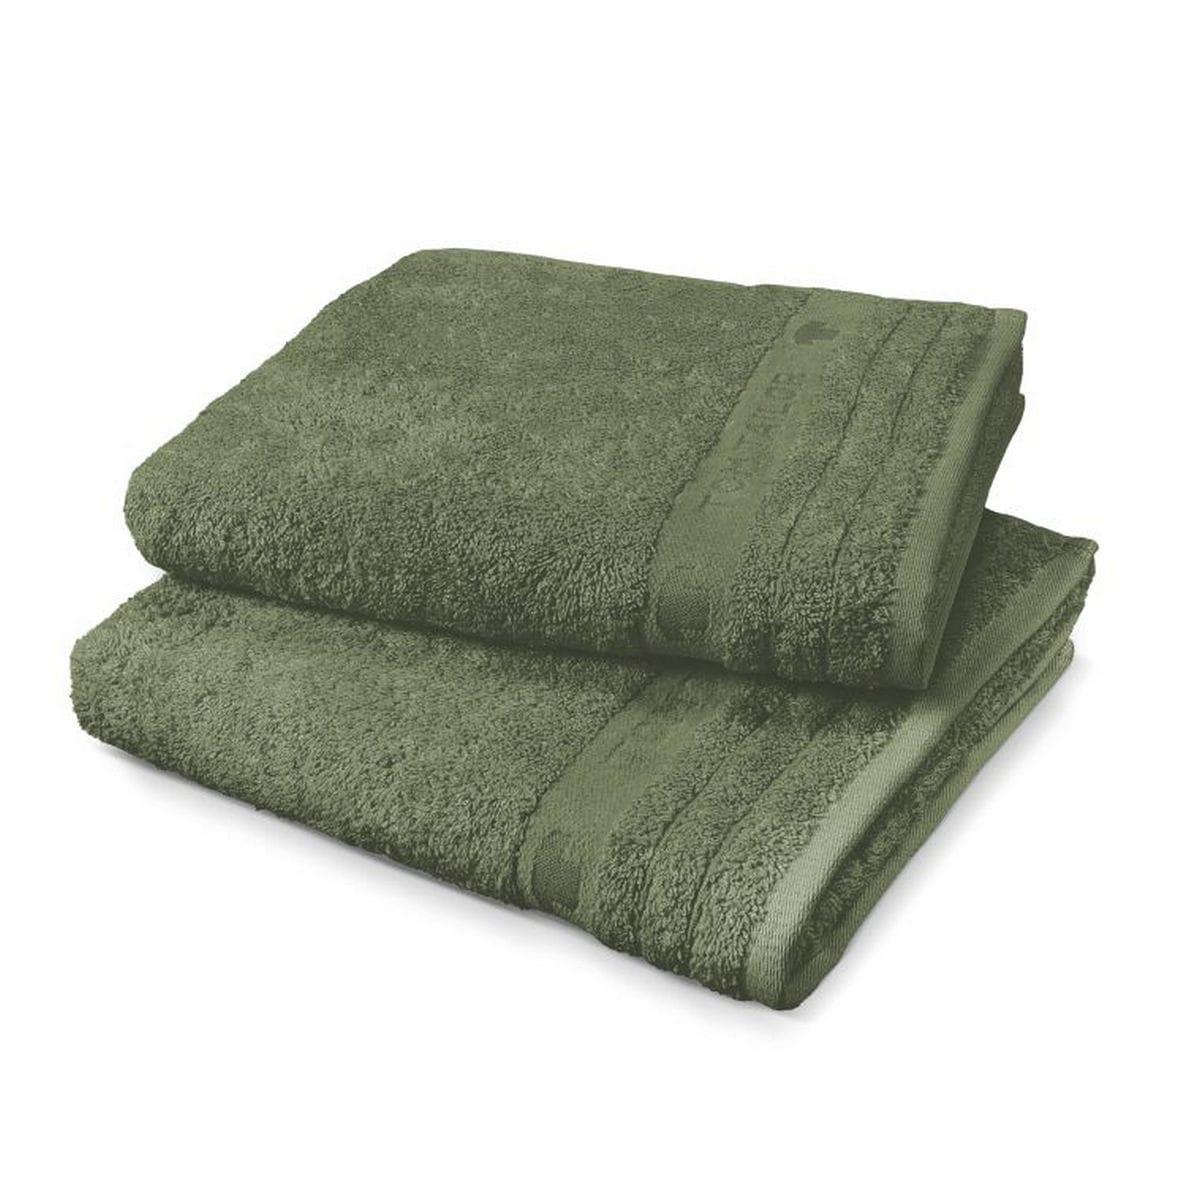 Πετσέτα 100 111 942 Olive Tom Tailor Προσώπου 50x100cm